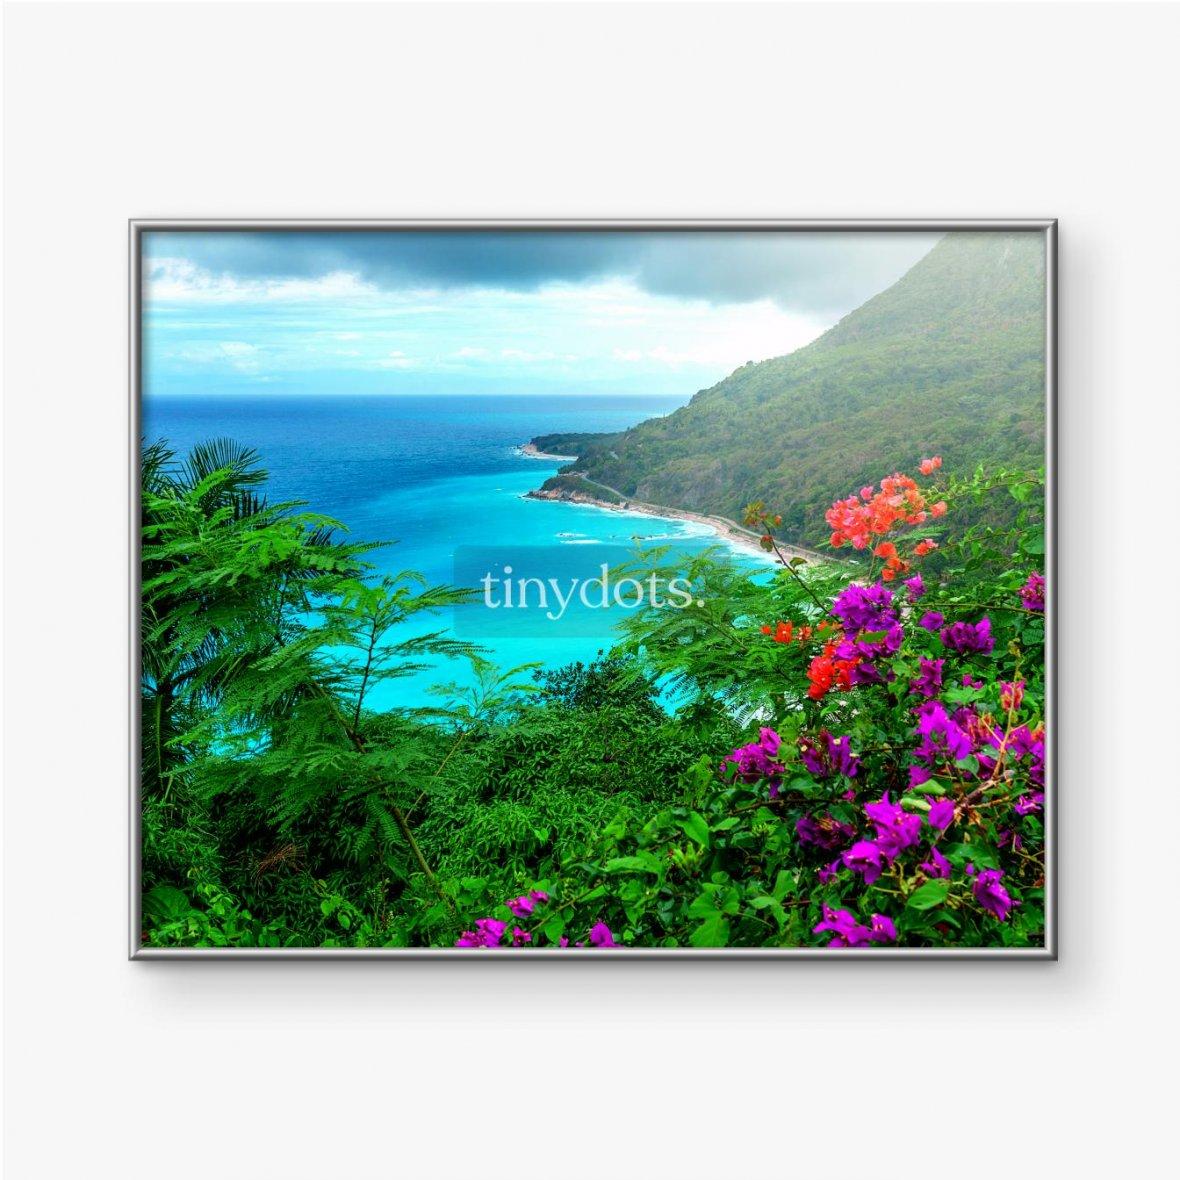 Gerahmtes Poster Herrliche karibische Landschaft